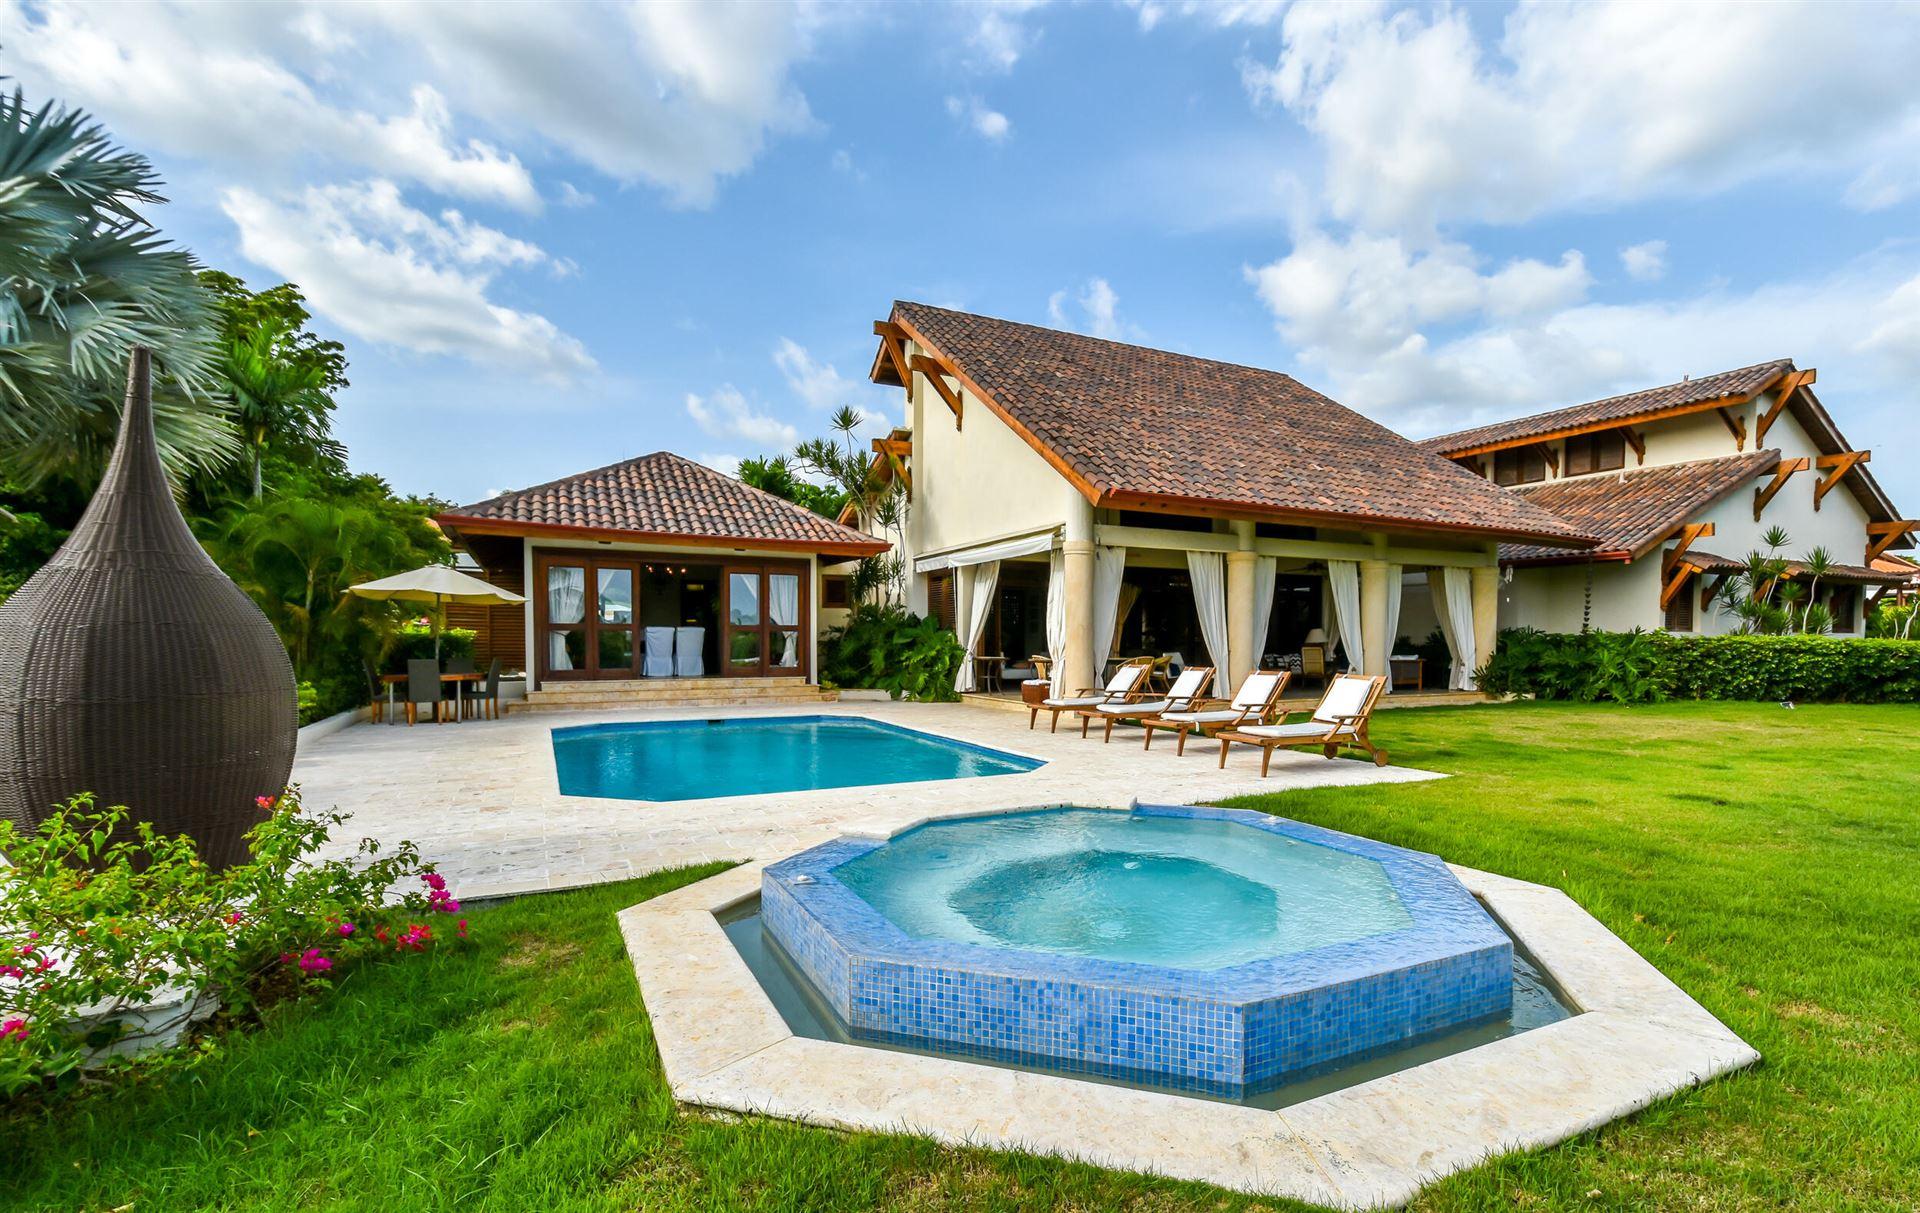 20 Las Colinas, Casa de Campo,  22000 - MLS#: RX-10707824